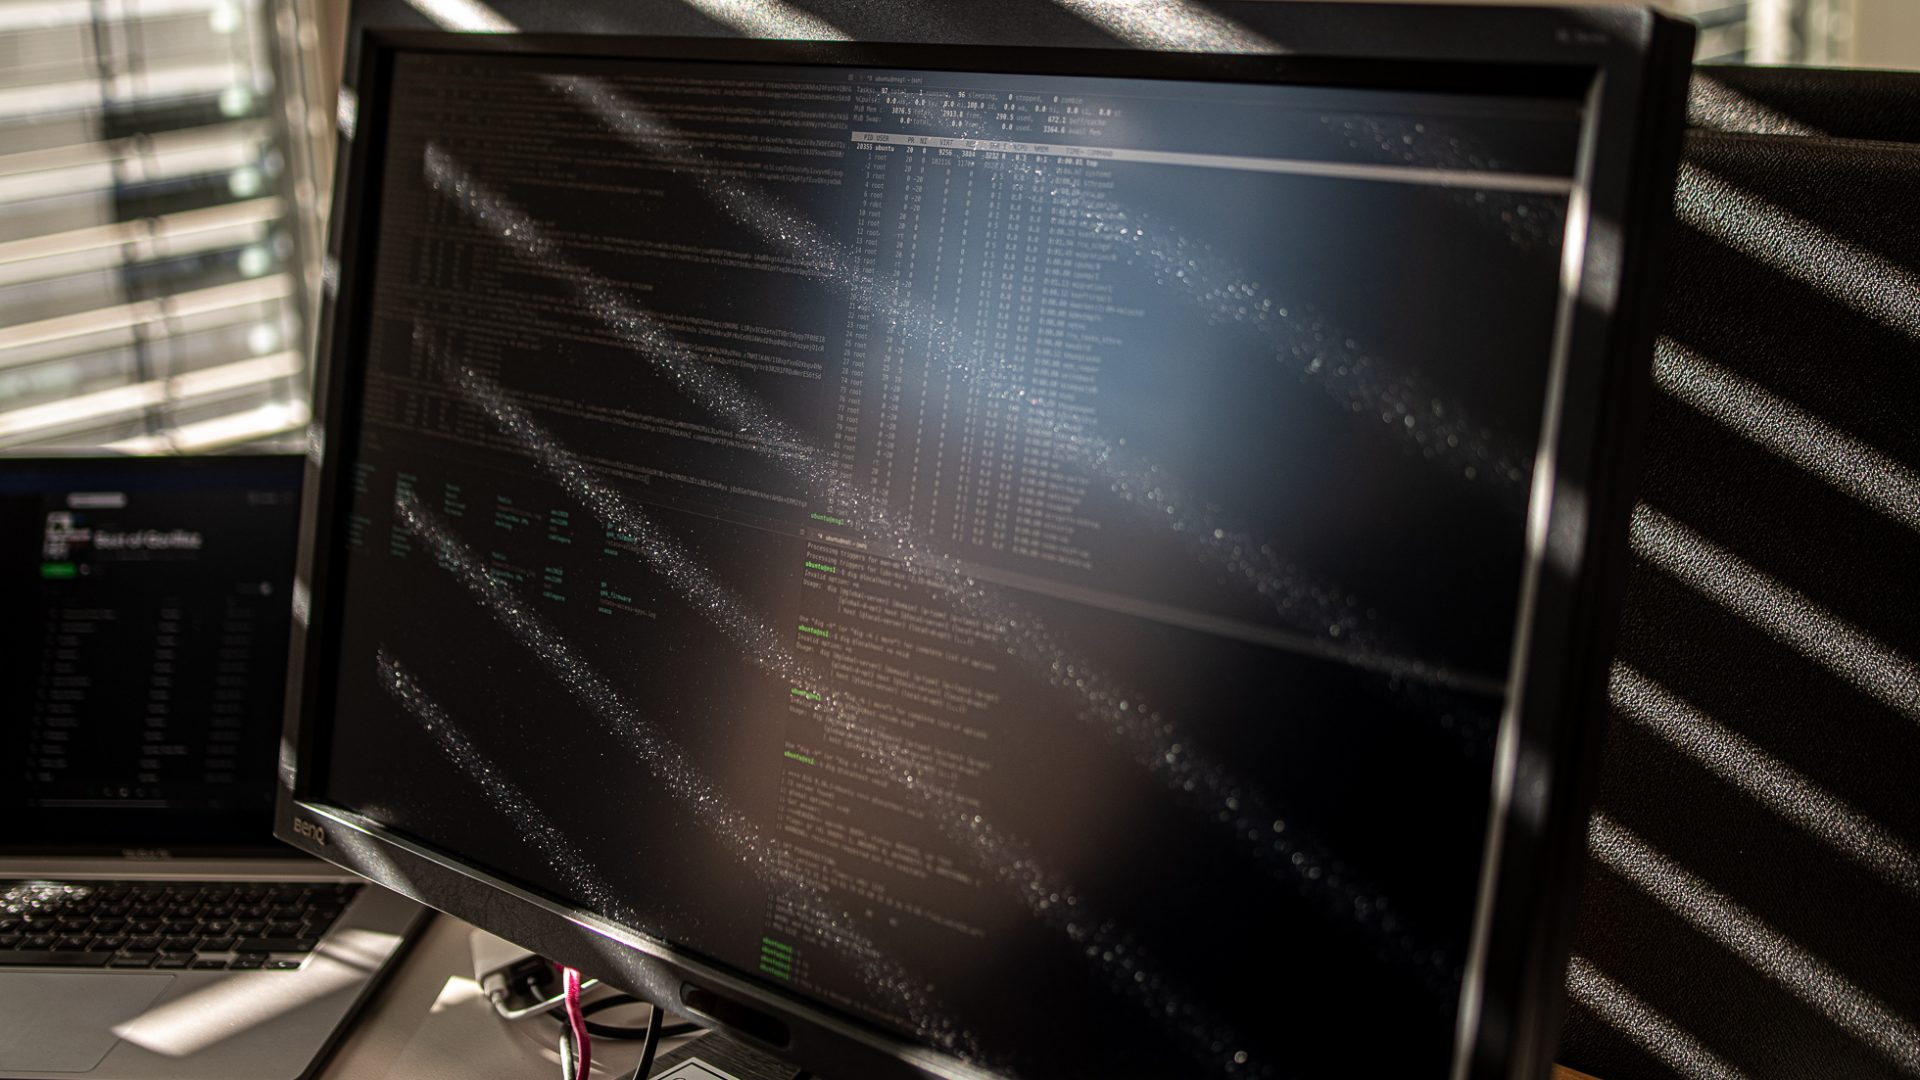 En dammig dataskärm med kod blir beslyst av solstrålar genom ett fönster med persienner på ett kontor.